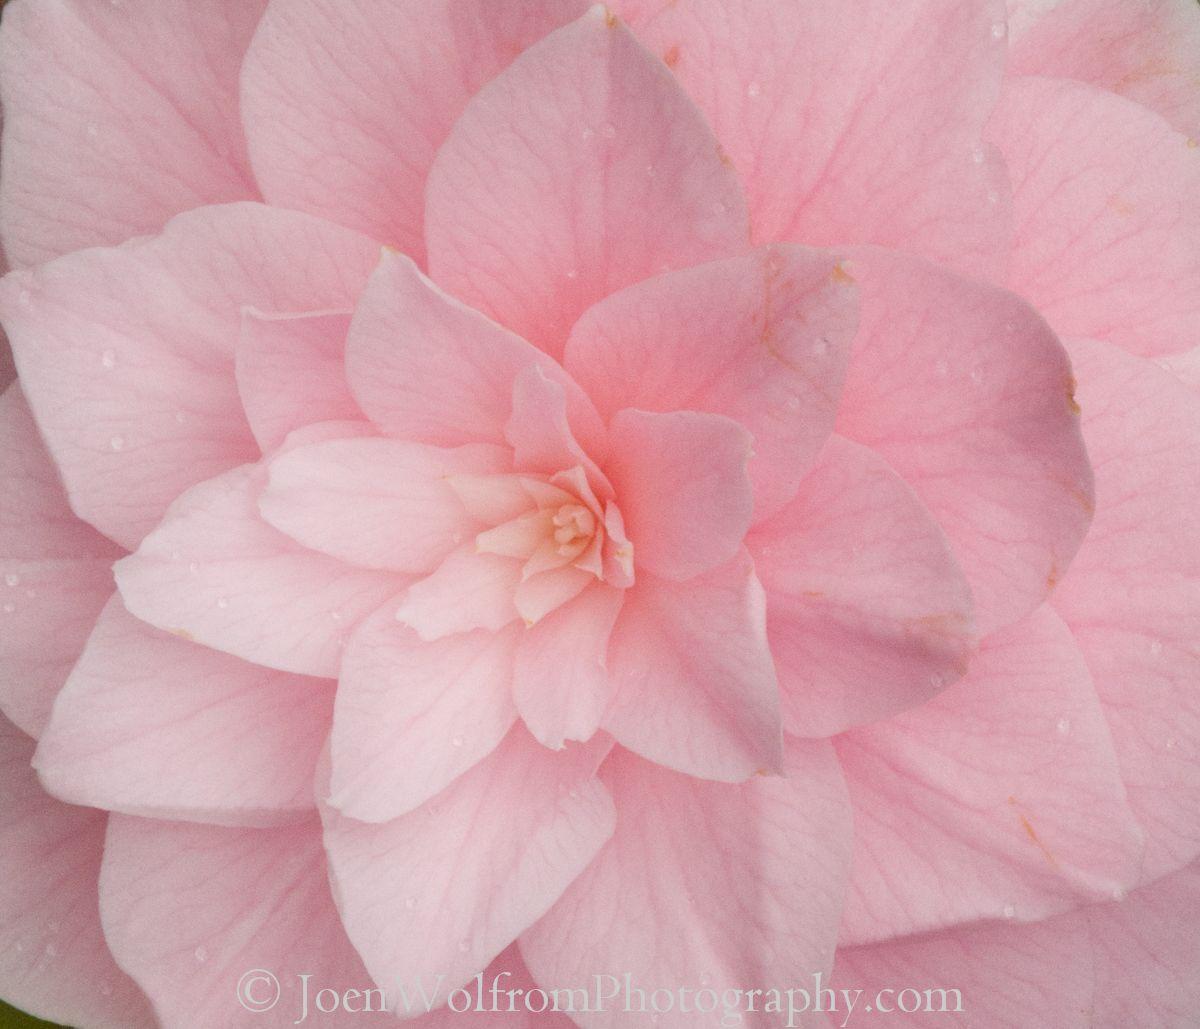 Flowers pretty in pink 21 joen wolfrom photography flowers flowers pretty in pink 21 joen wolfrom photography mightylinksfo